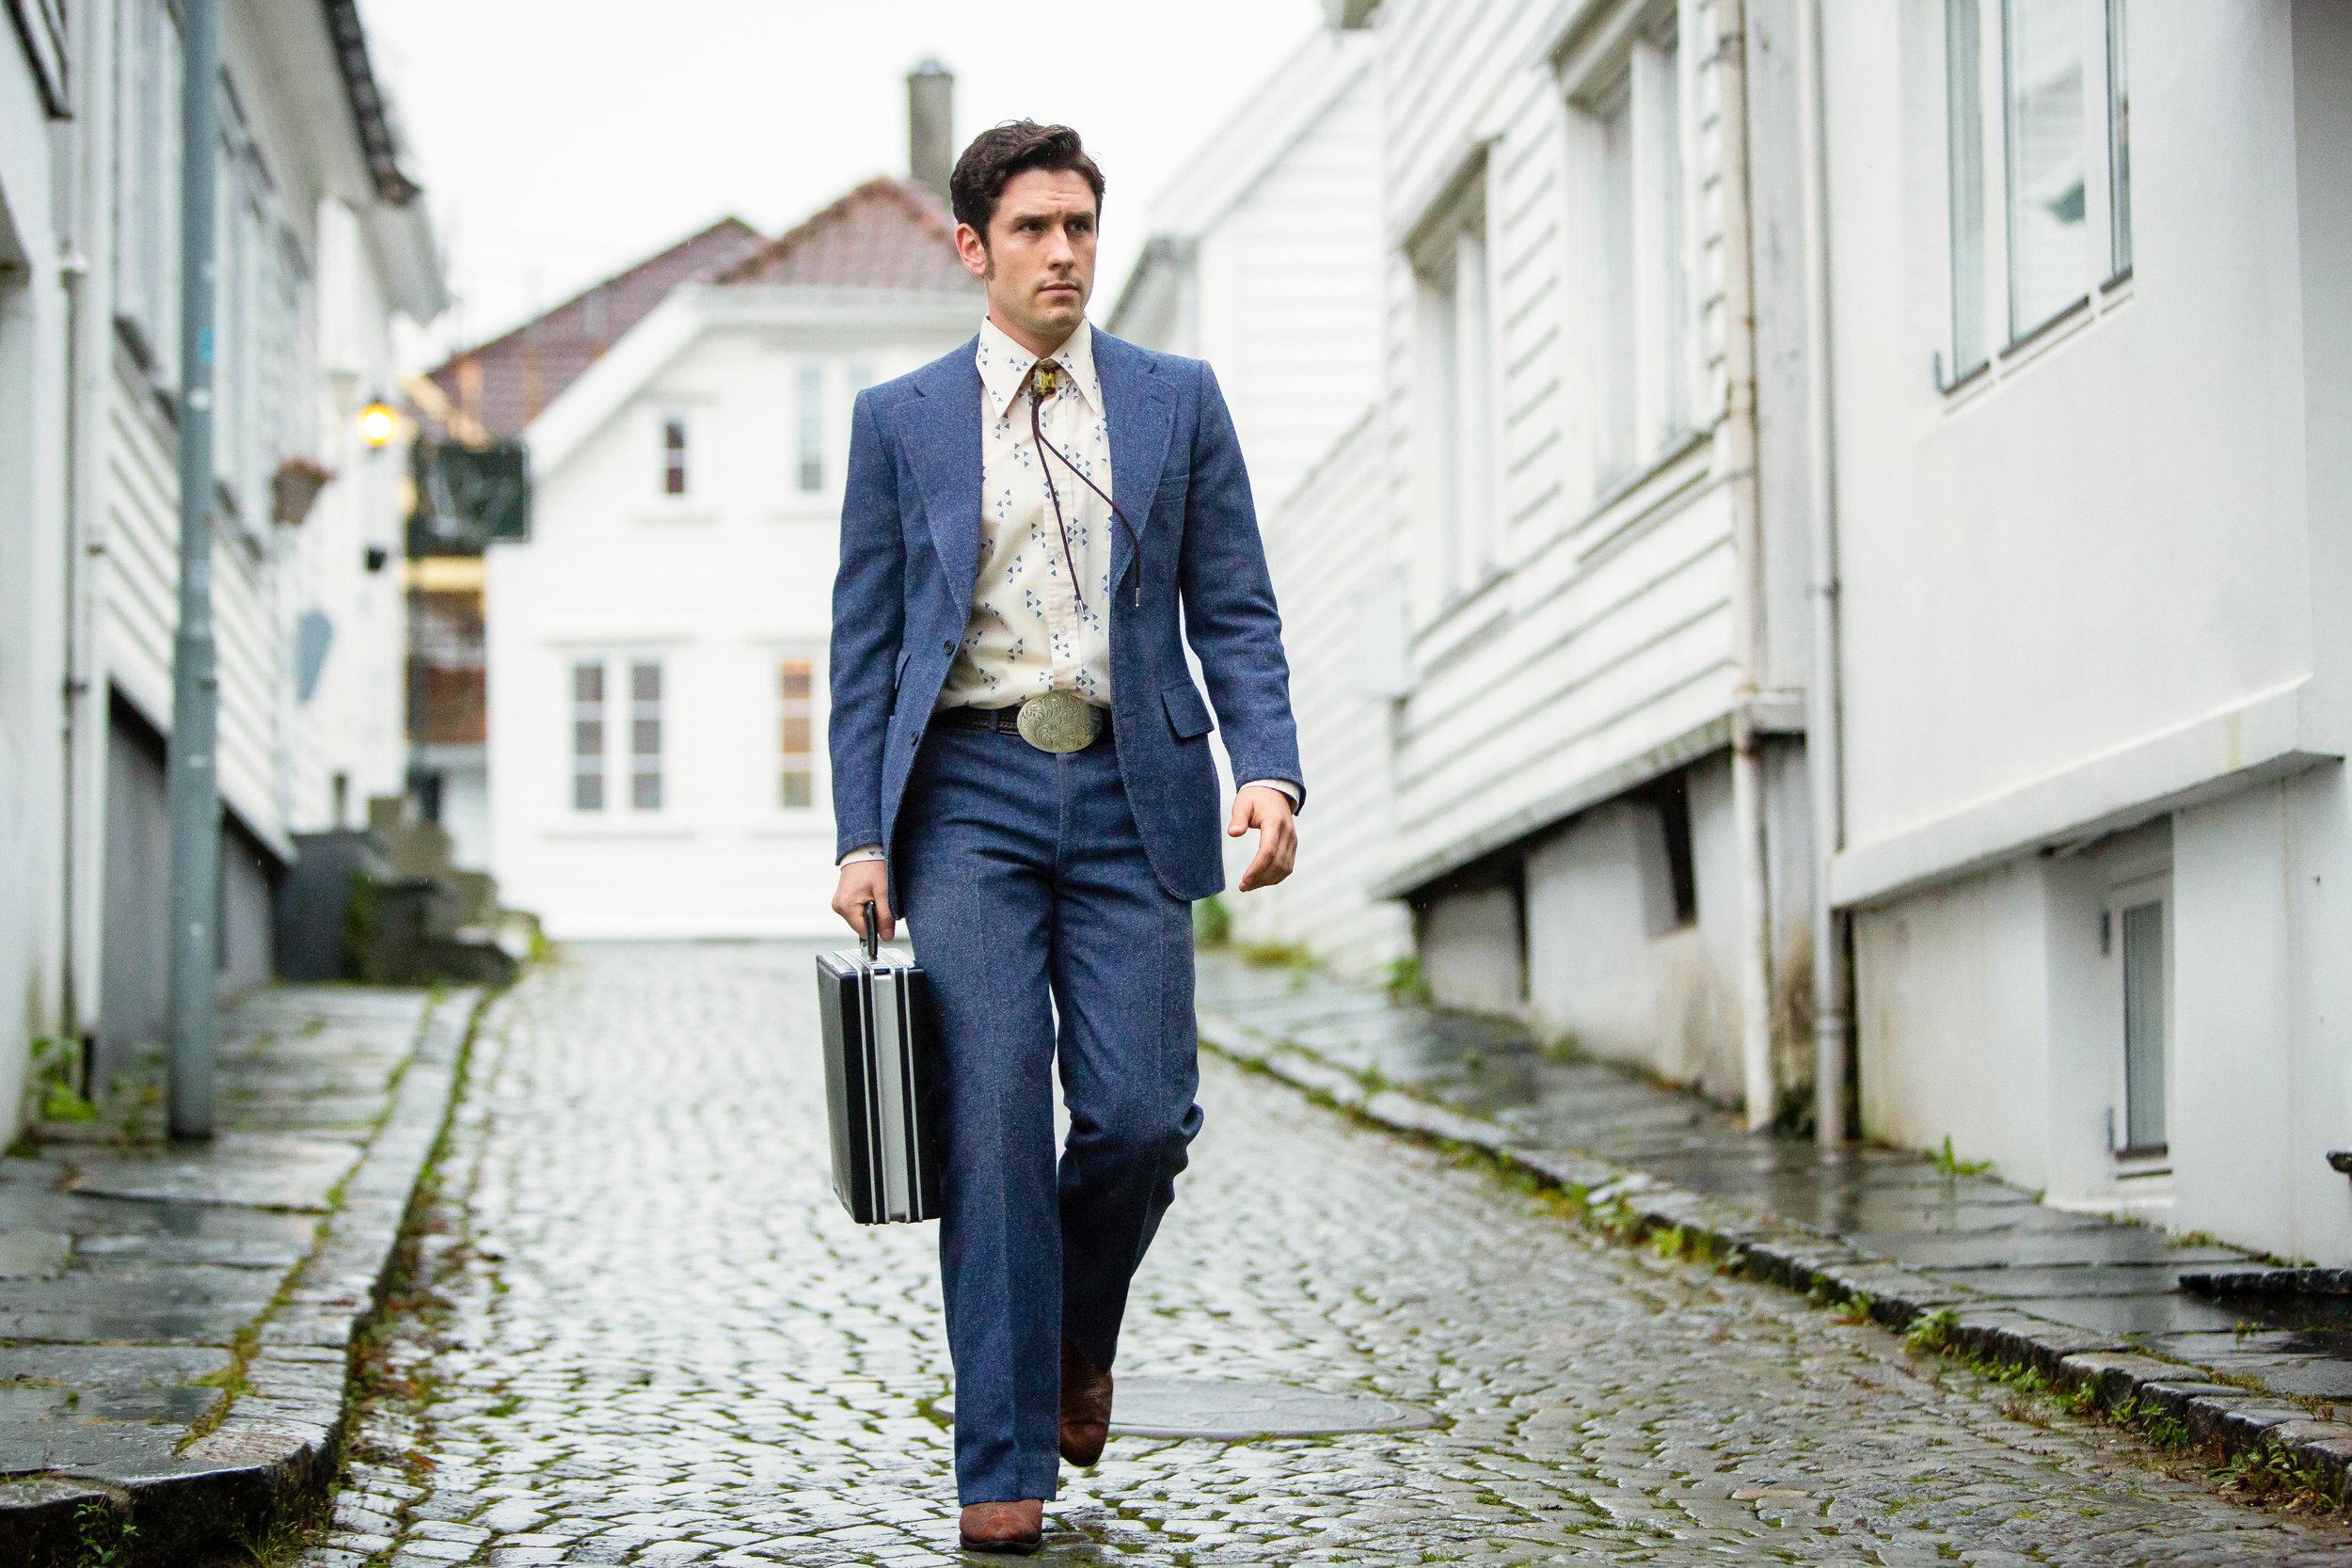 LYKKELAND_Jonathan i Stavanger_Foto_Marius Vervik_NRK_Maipo Film (1).jpg